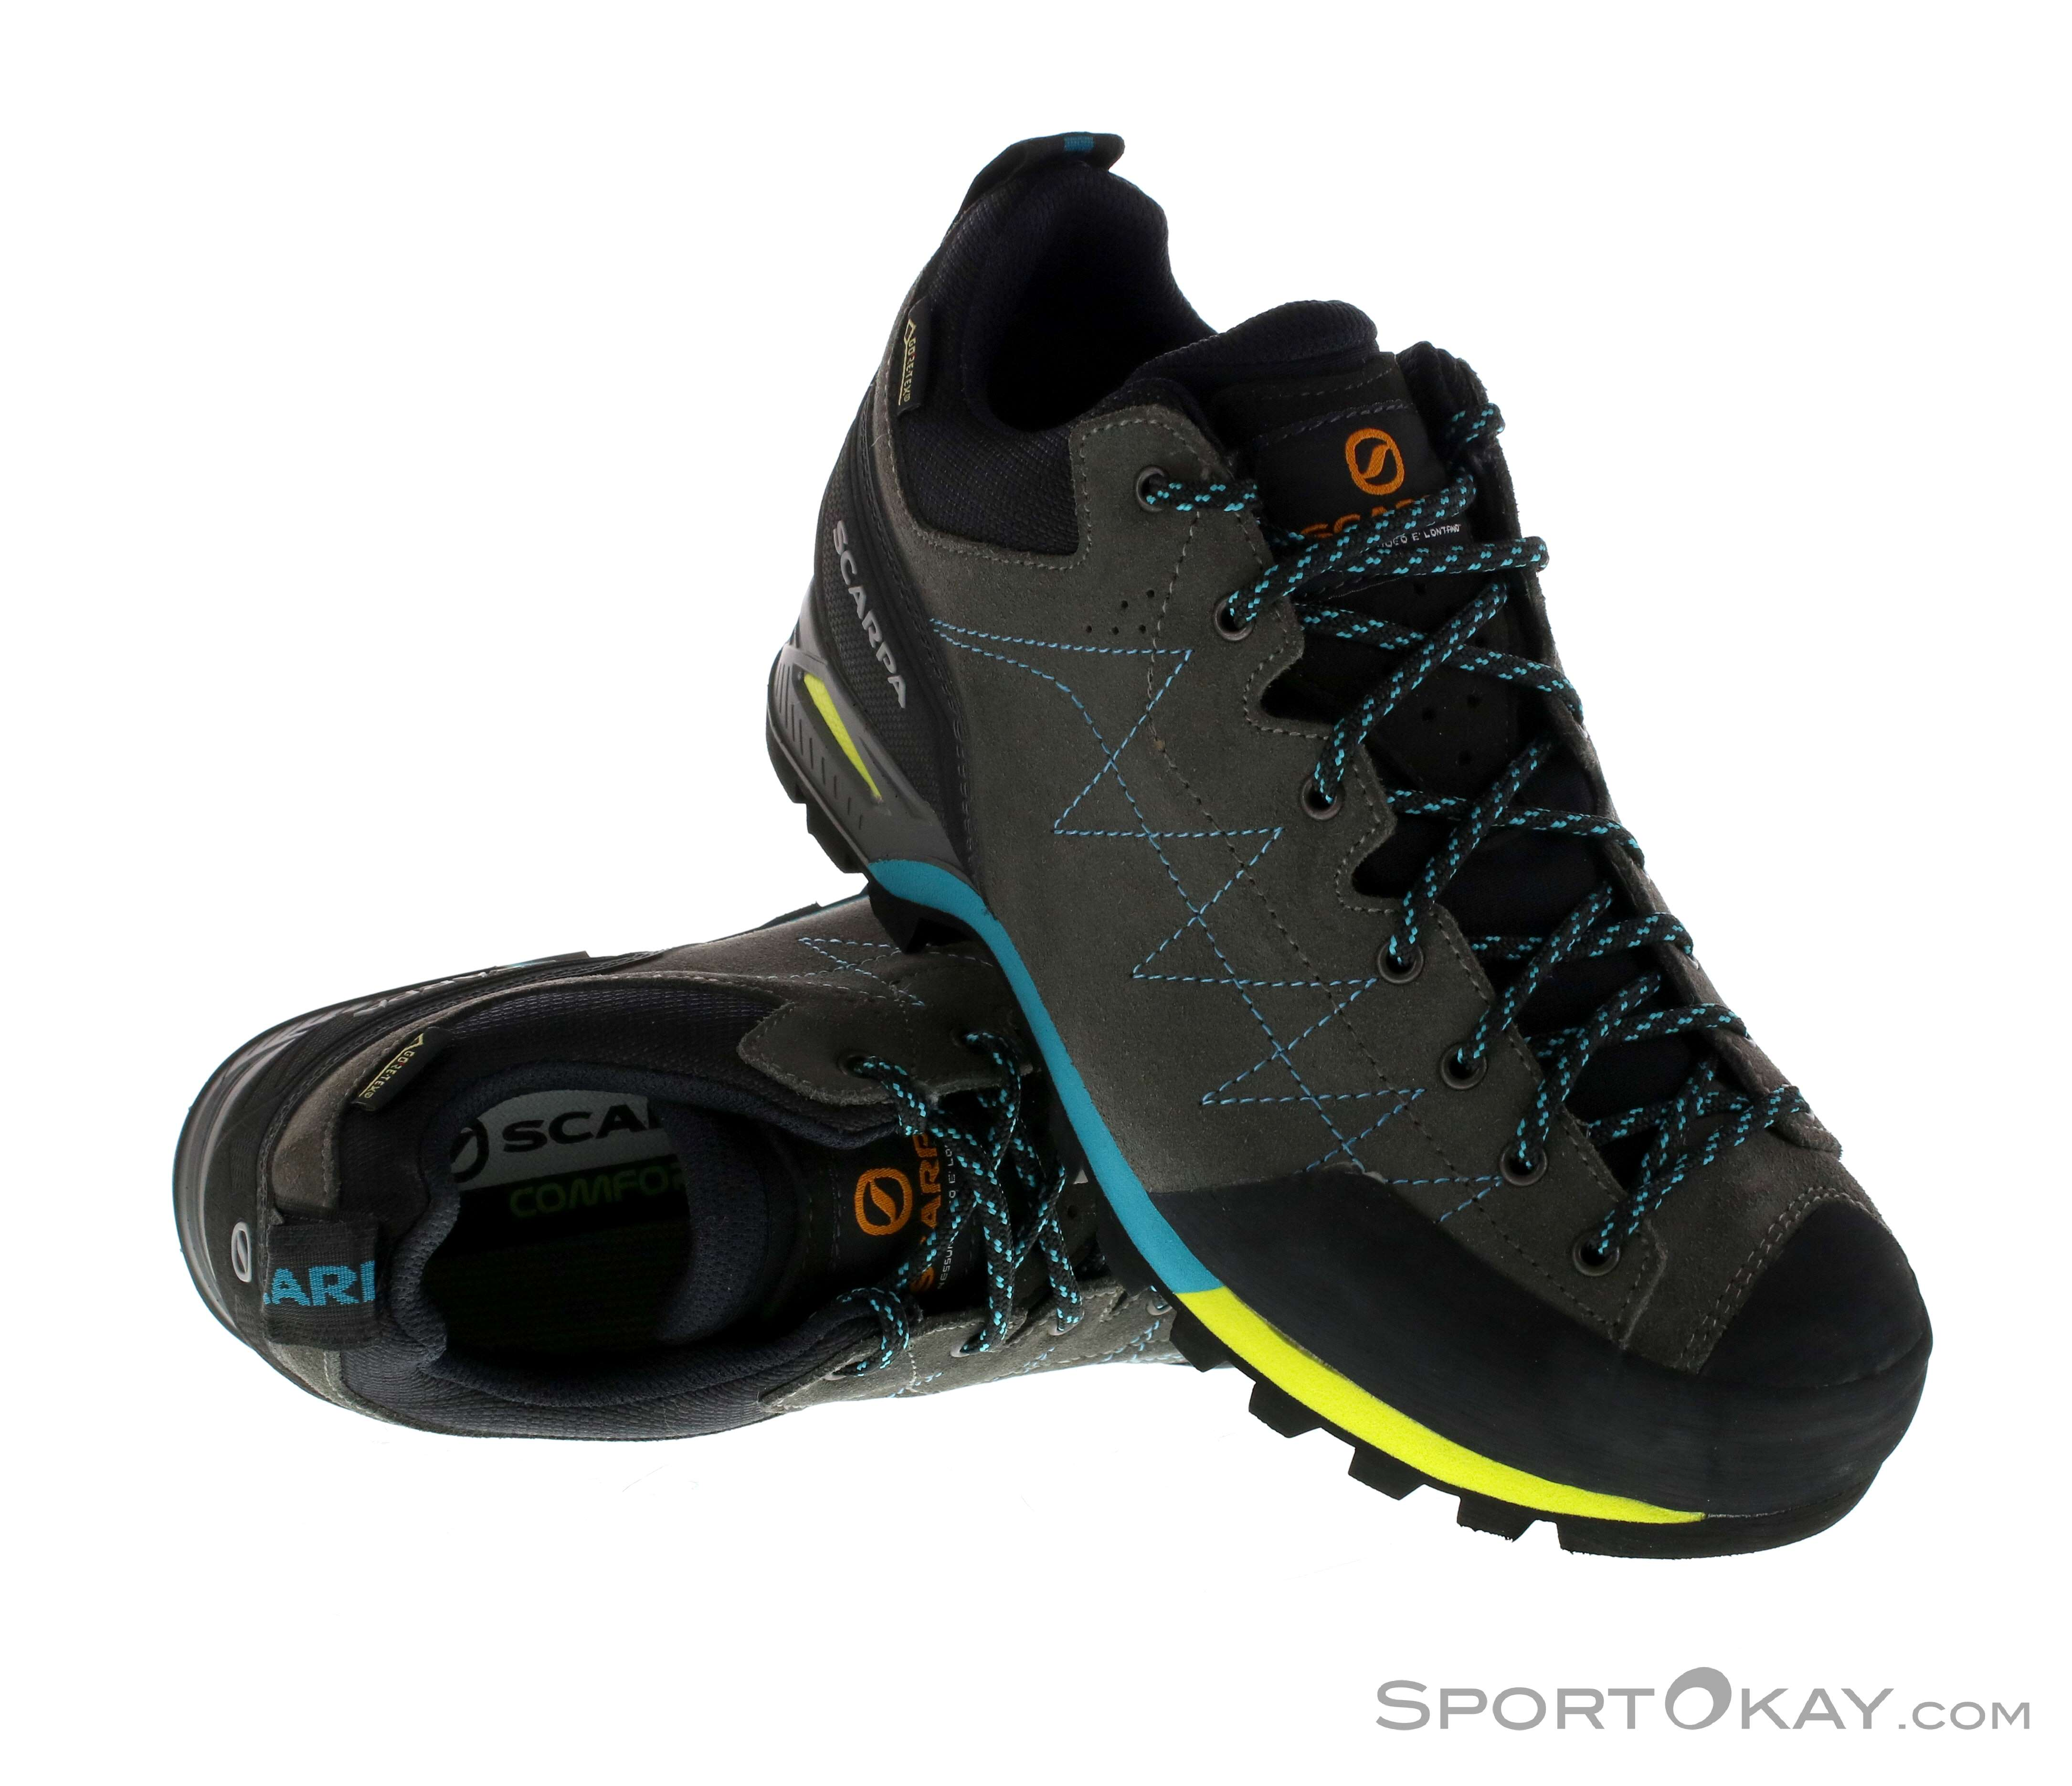 d90a8fadaaeb7 Scarpa Scarpa Zodiac GTX Womens Approach Shoes Gore-Tex